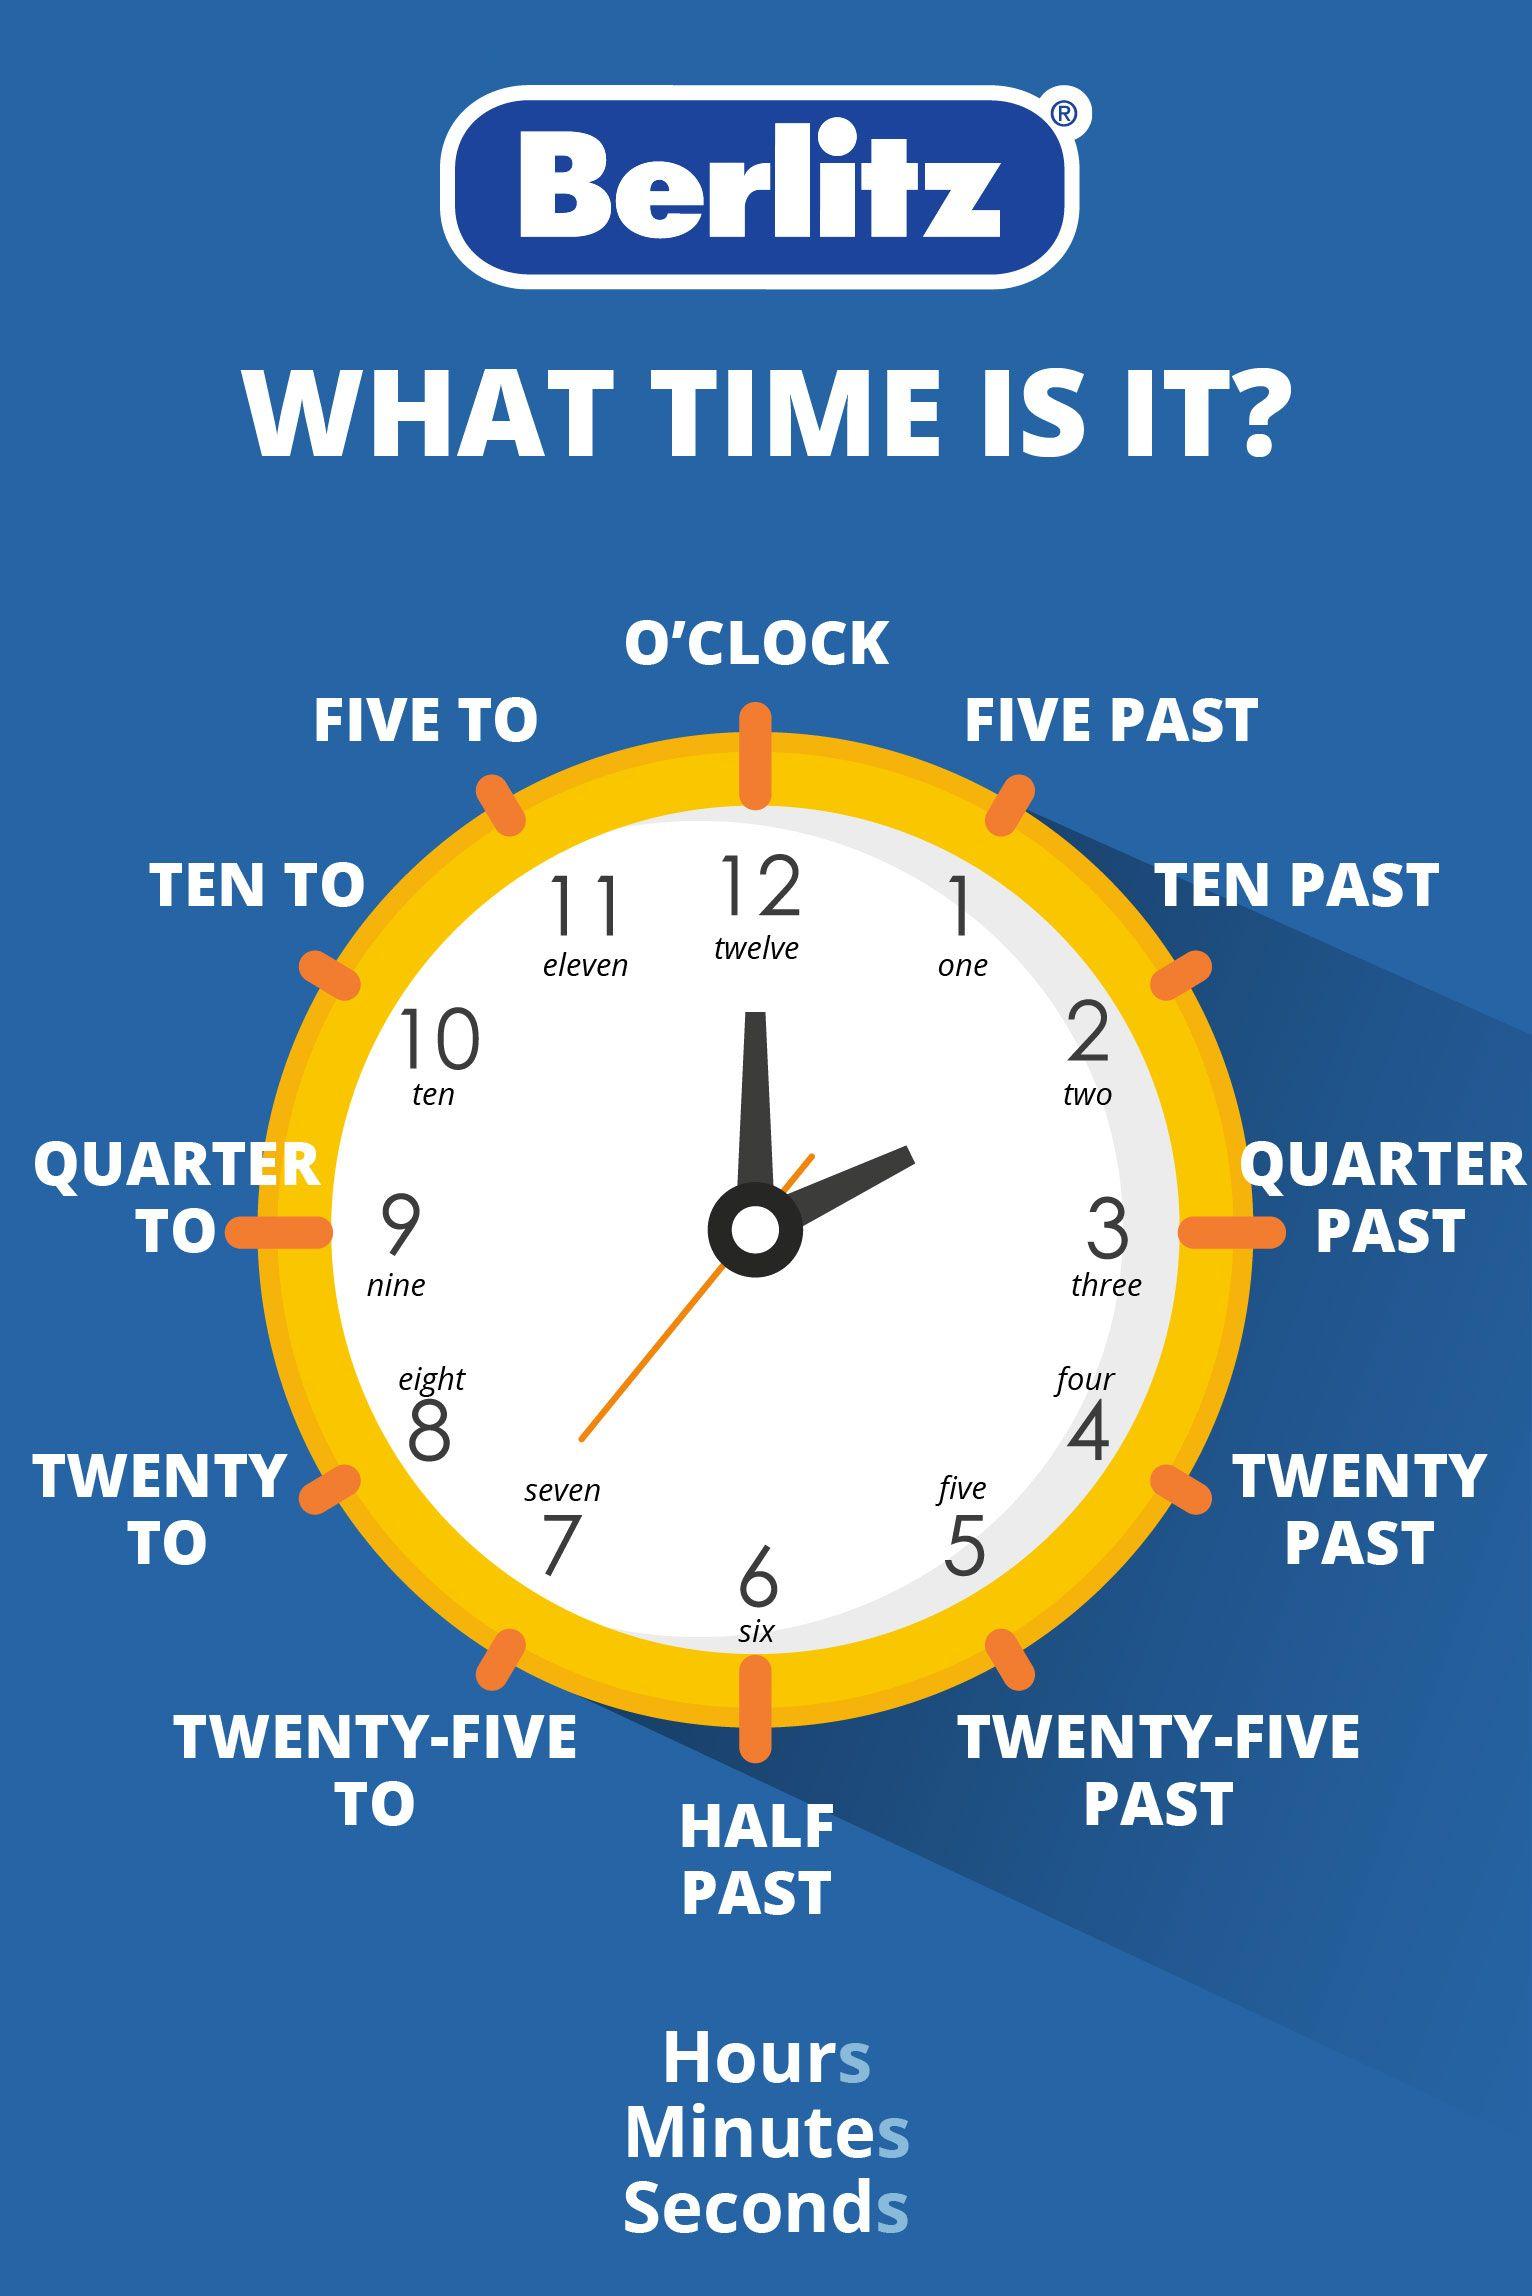 La Hora En Inglés Cómo Decir La Hora En Inglés 7a Tomi Digital